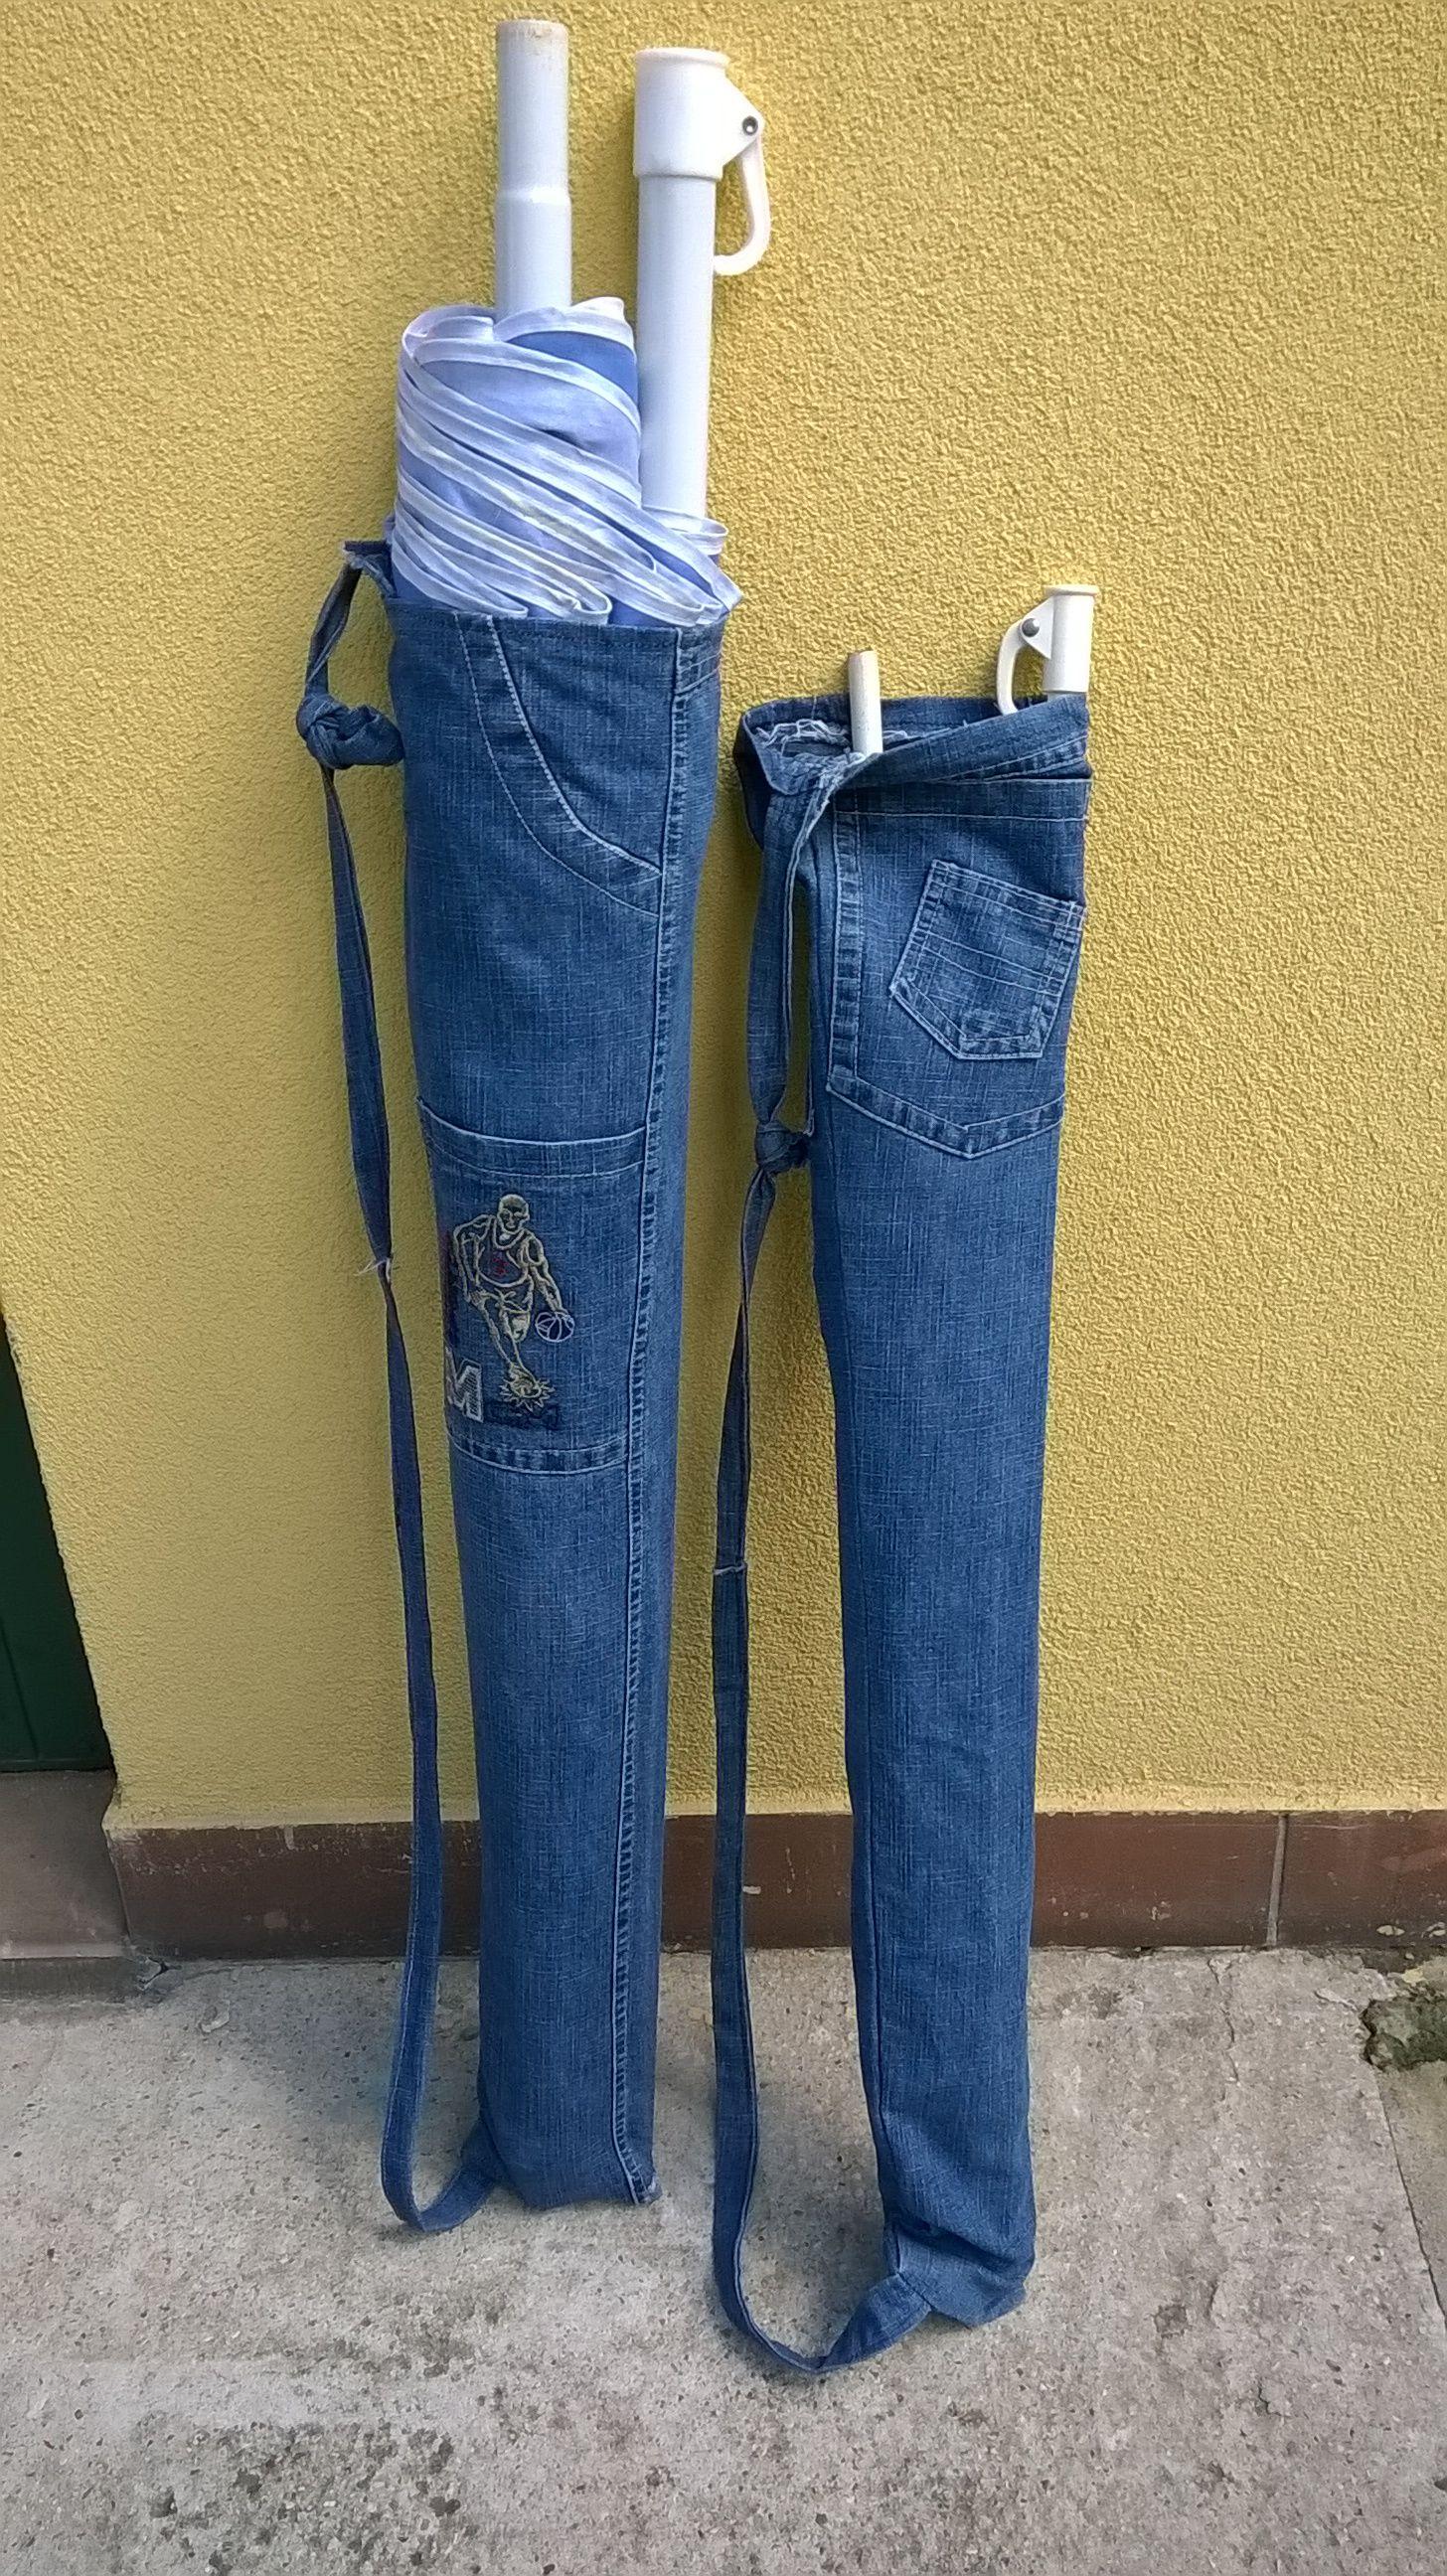 Porta Ombrellone Da Spiaggia Con Tracolla Borse Jeans